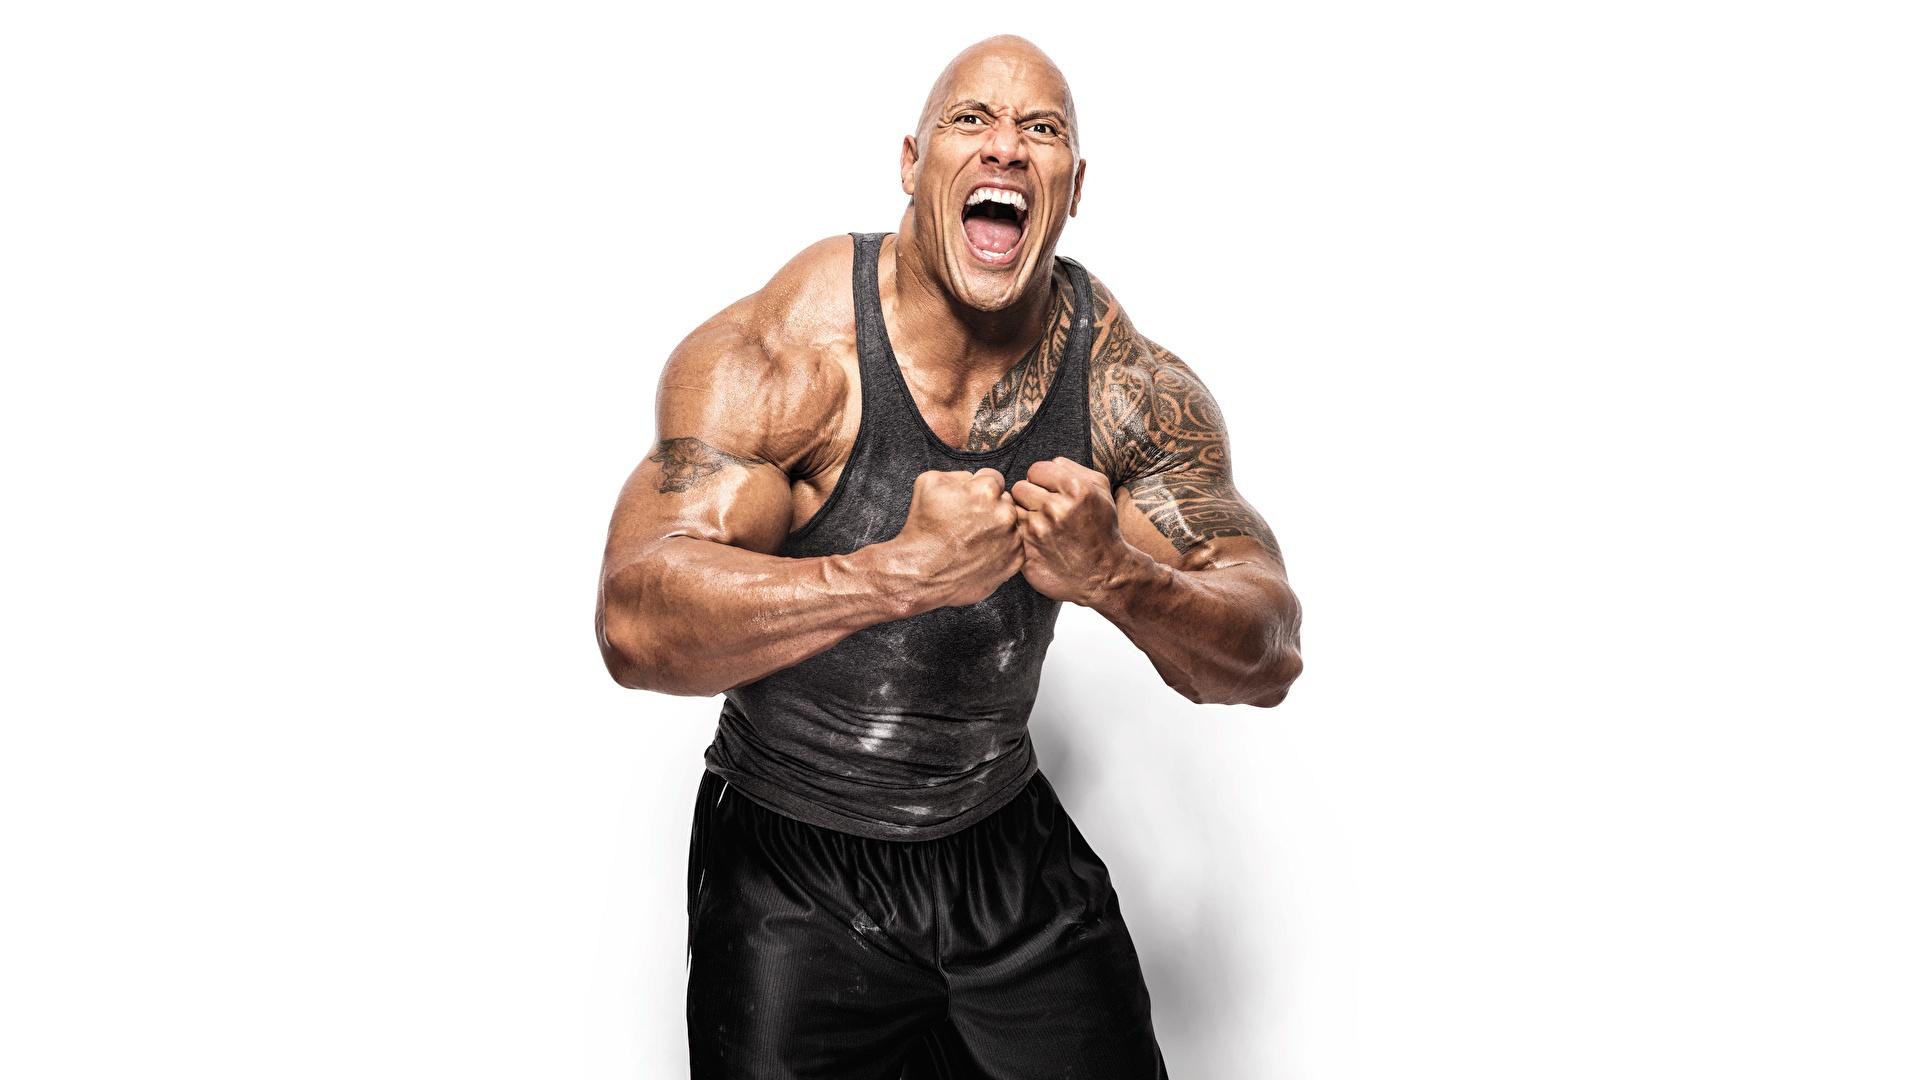 Дуэйн Джонсон вновь засветил фотку, на которой он качает мышцы для роли Черного Адама